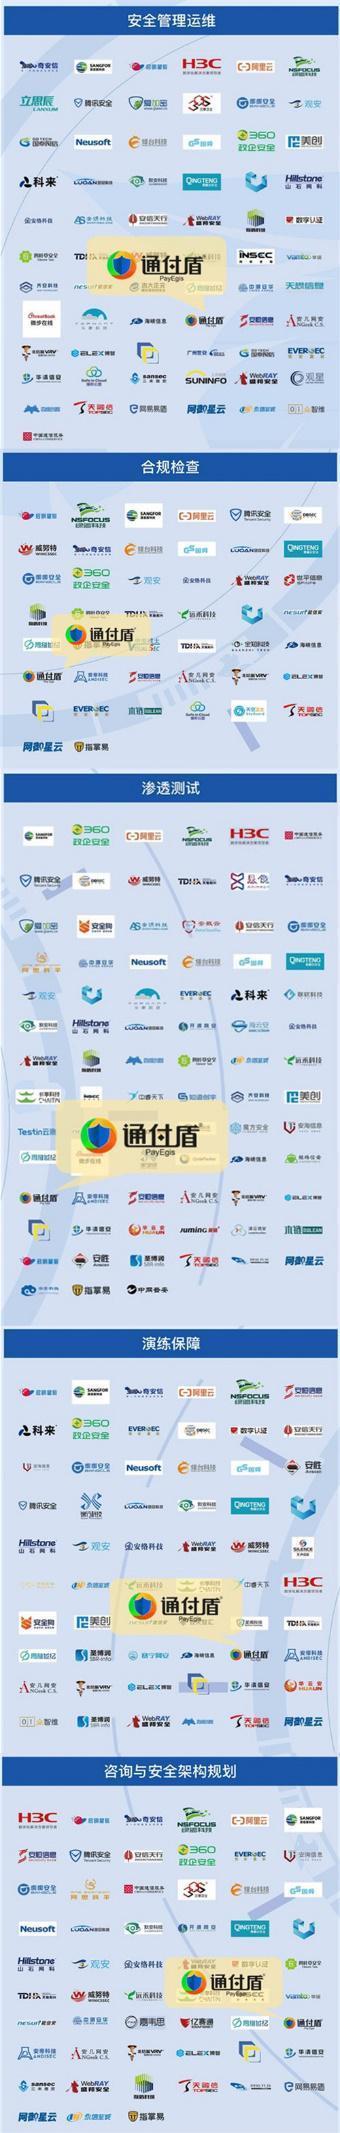 入选23个细分领域丨通付盾荣登嘶吼网络安全产业研究院《2021网络安全产业链图谱》